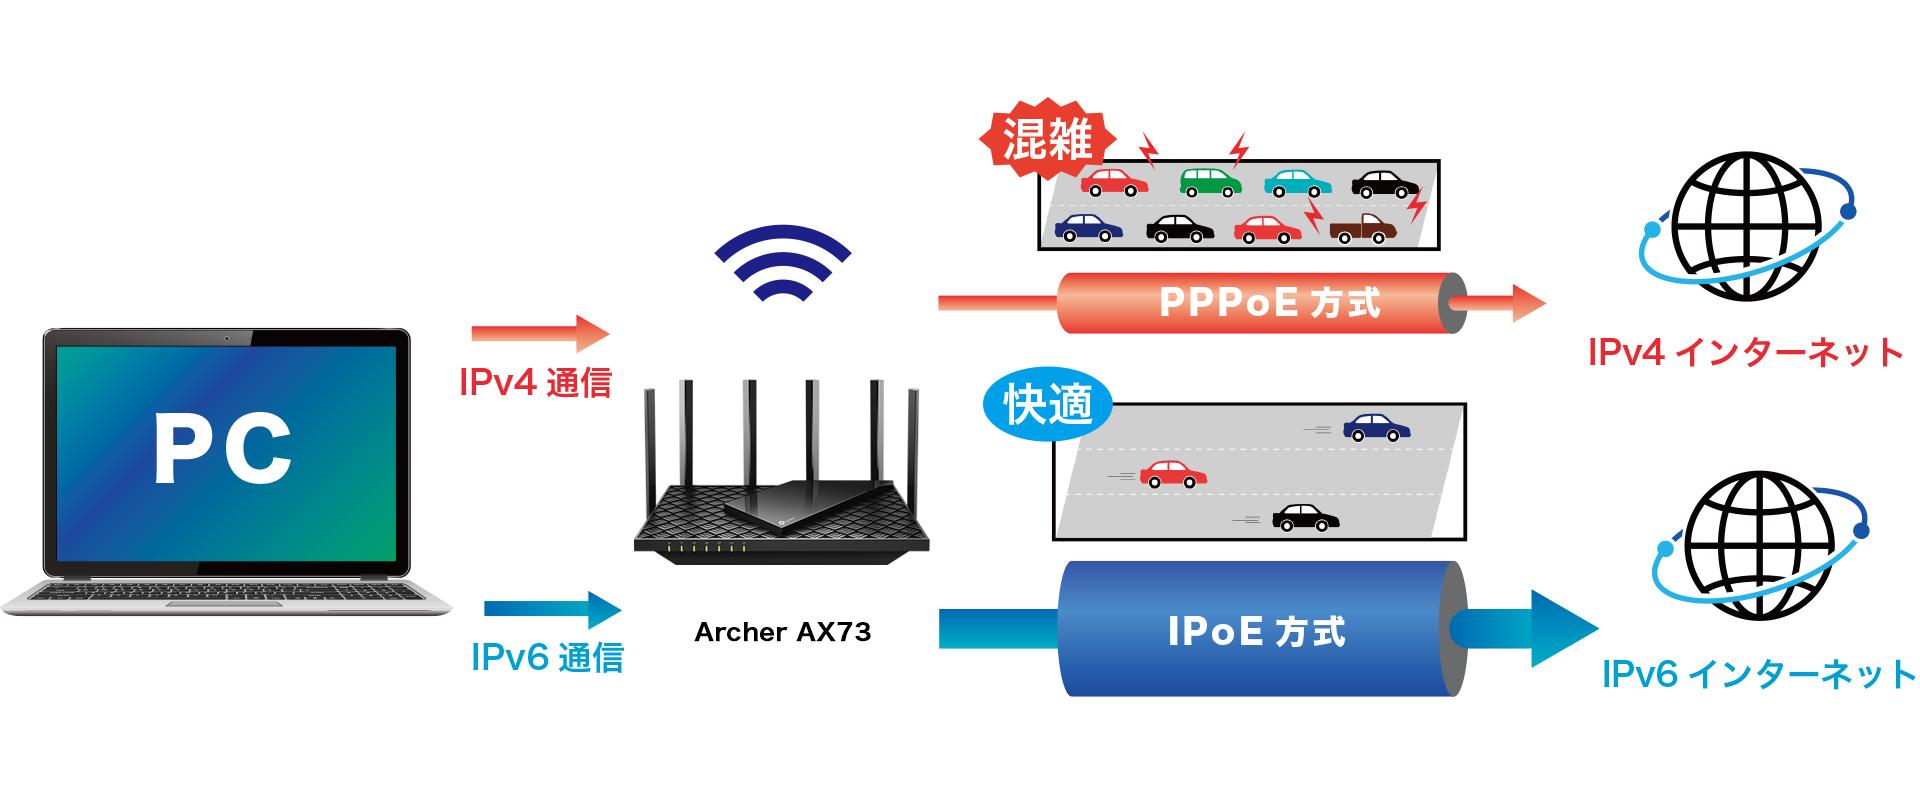 IPv6 PPPoEの図解